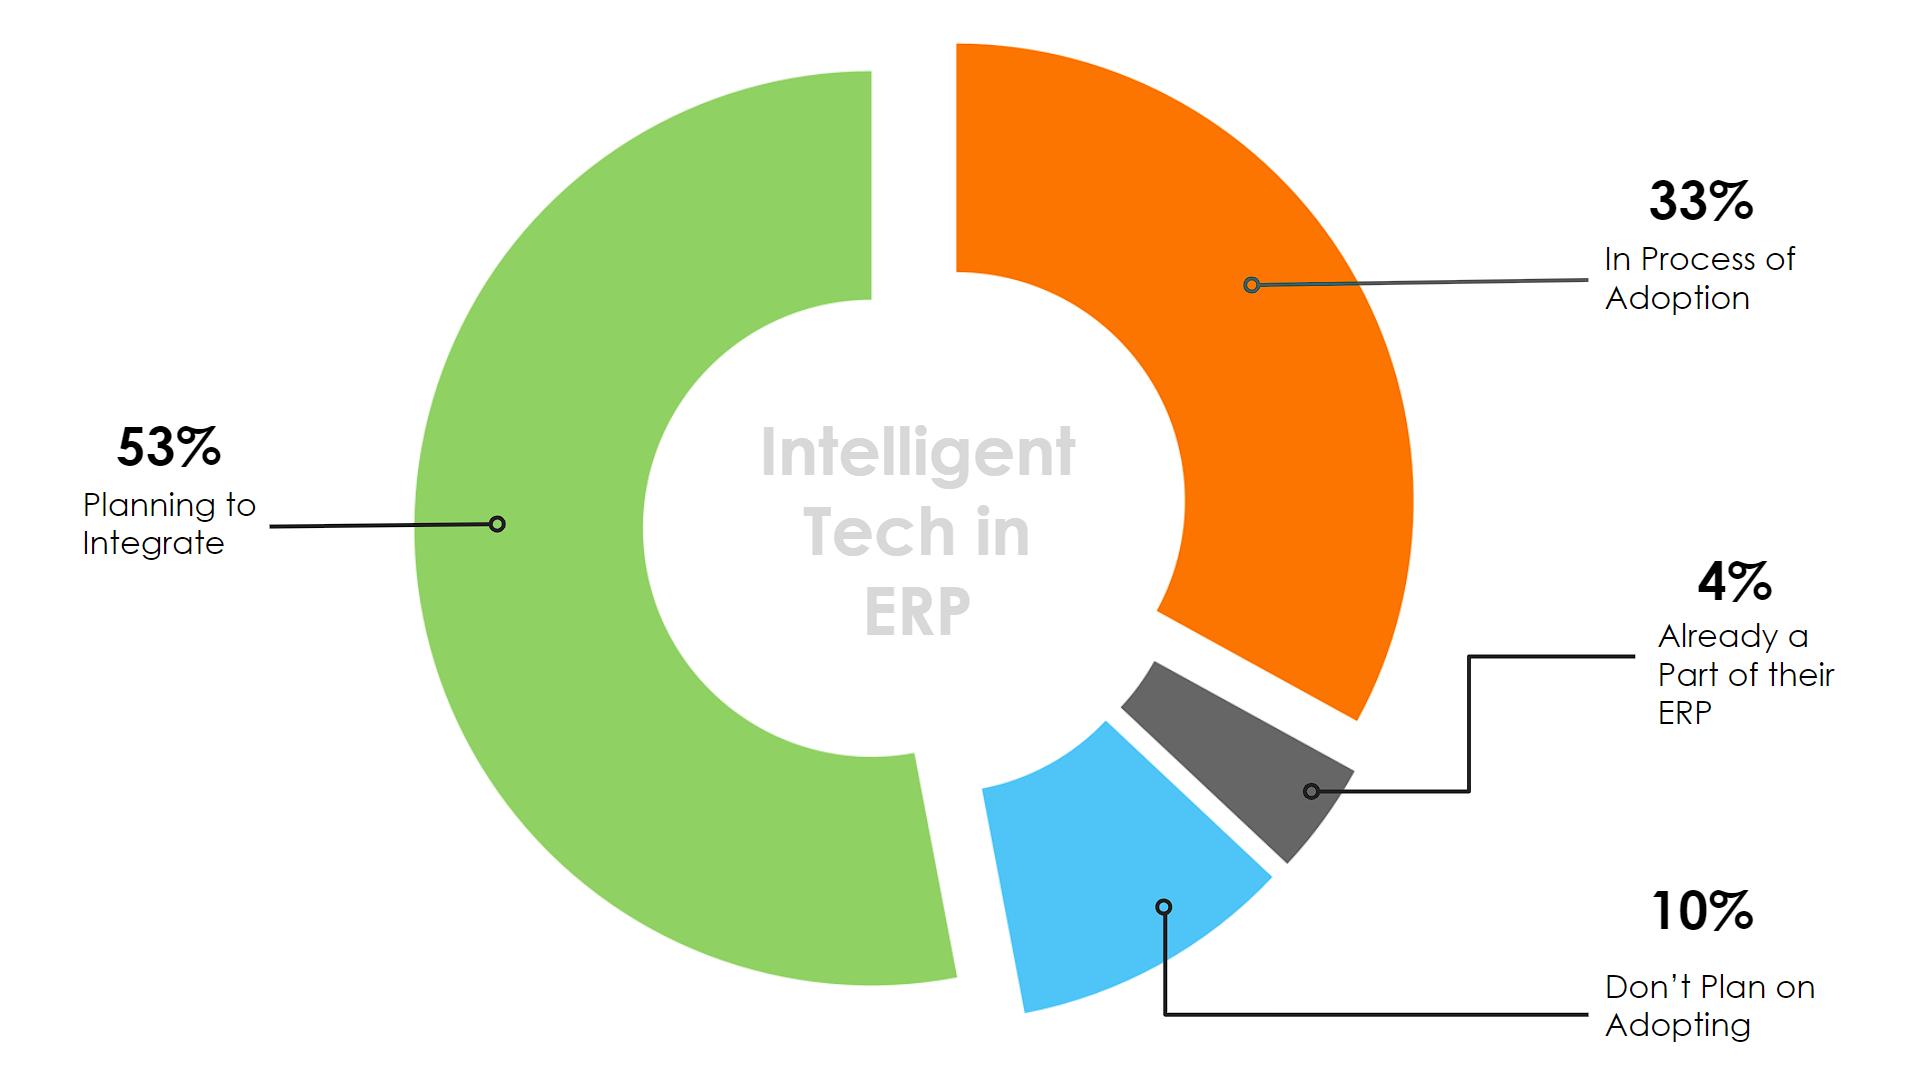 Intelligent Tech In ERP